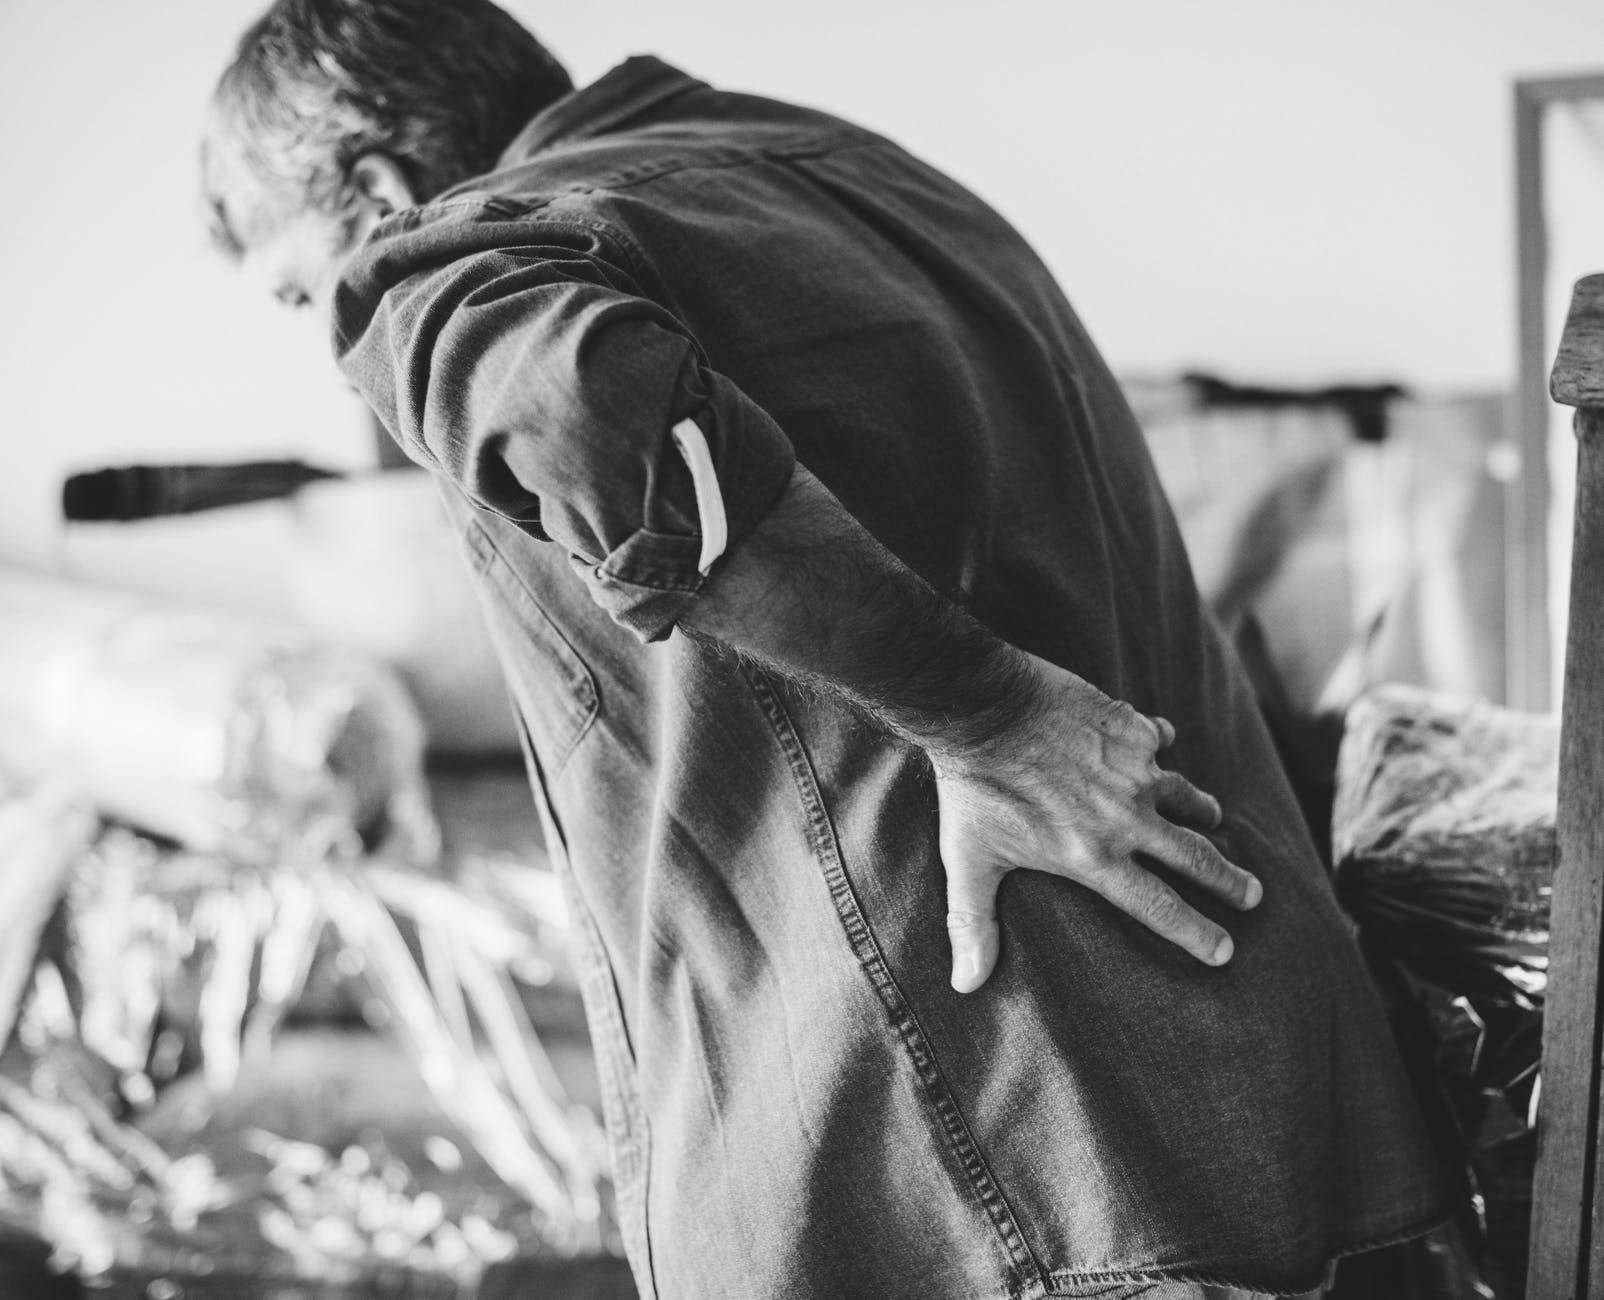 Kompleks Bölgesel Ağrı Sendromu Nedir?